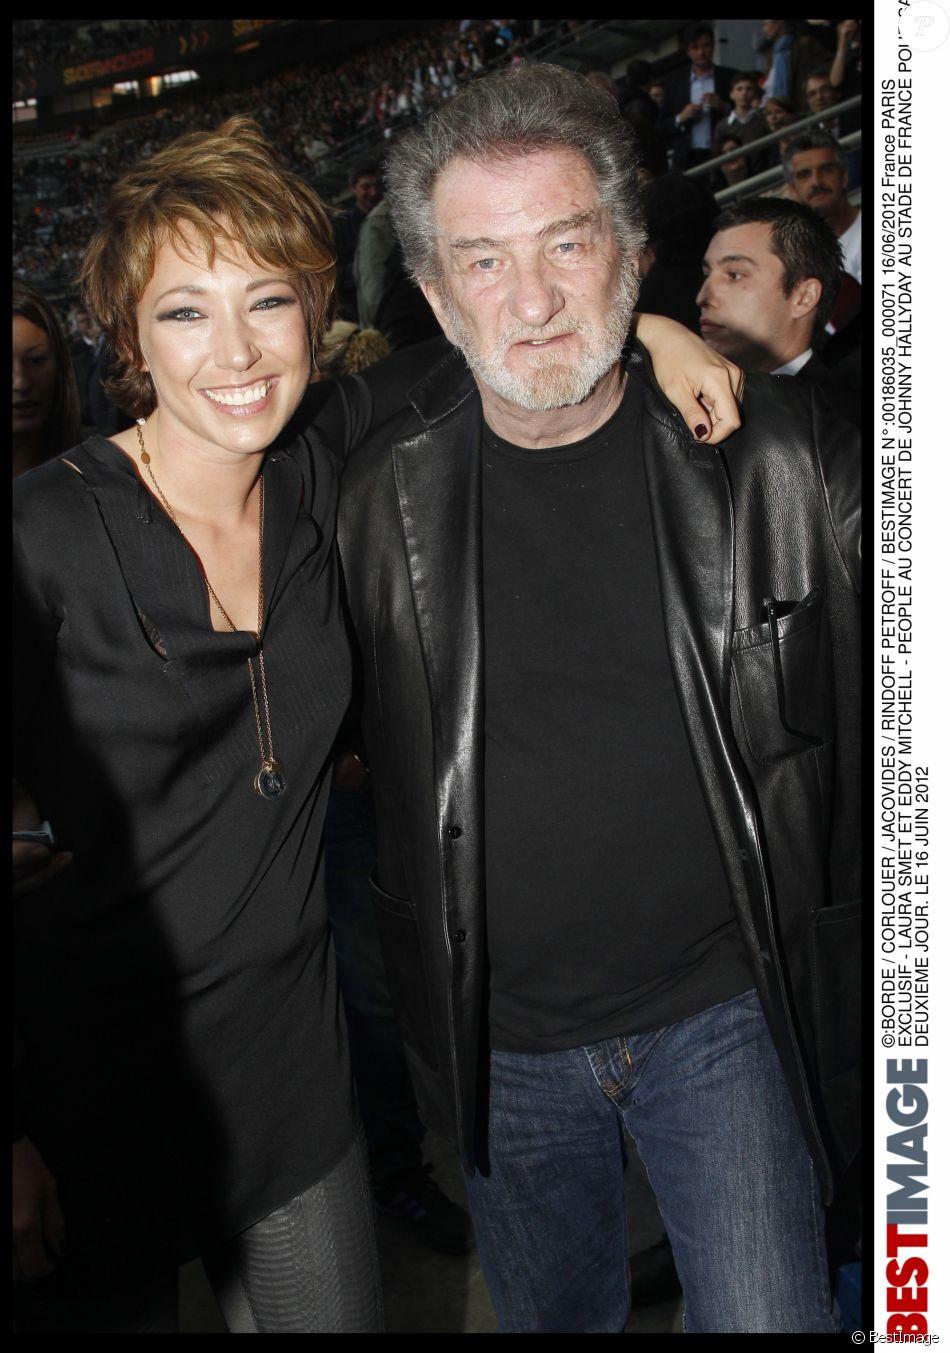 Exclusif - Laura Smet et Eddy Mitchell au concert de Johnny Hallyday au Stade de France le 16 juin 2012